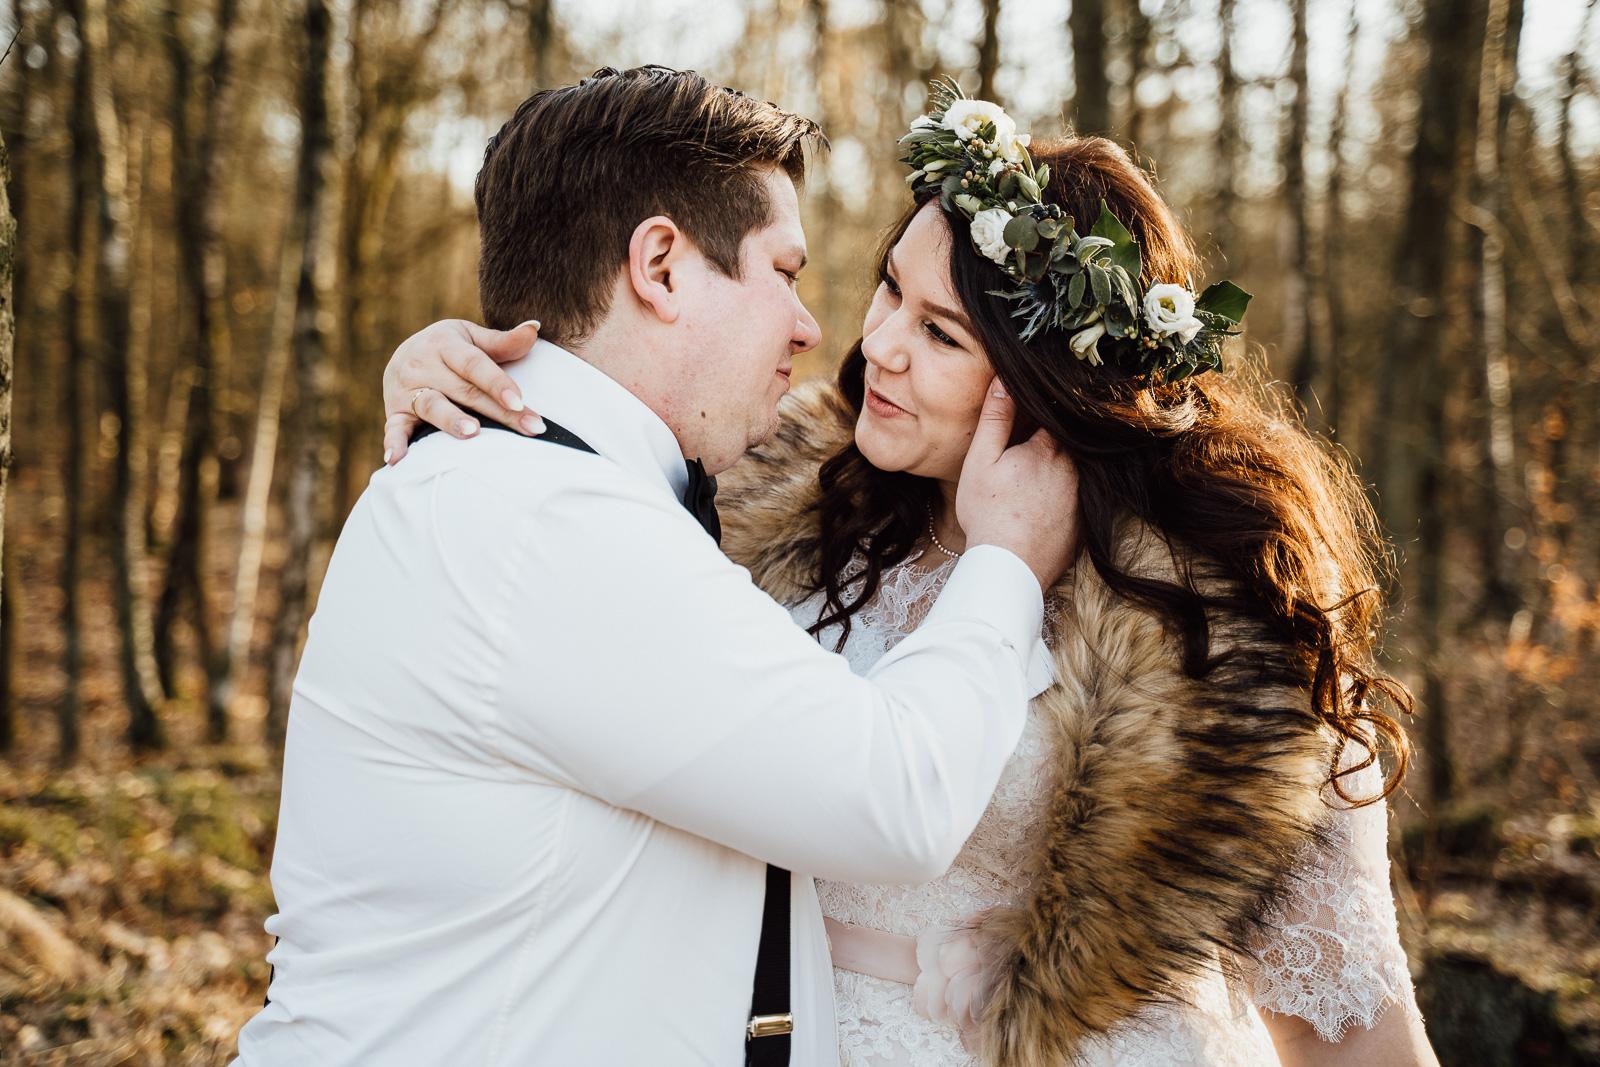 Hochzeitsfotografie - Mann und Frau im Wald genießen ihre Zweisamkeit